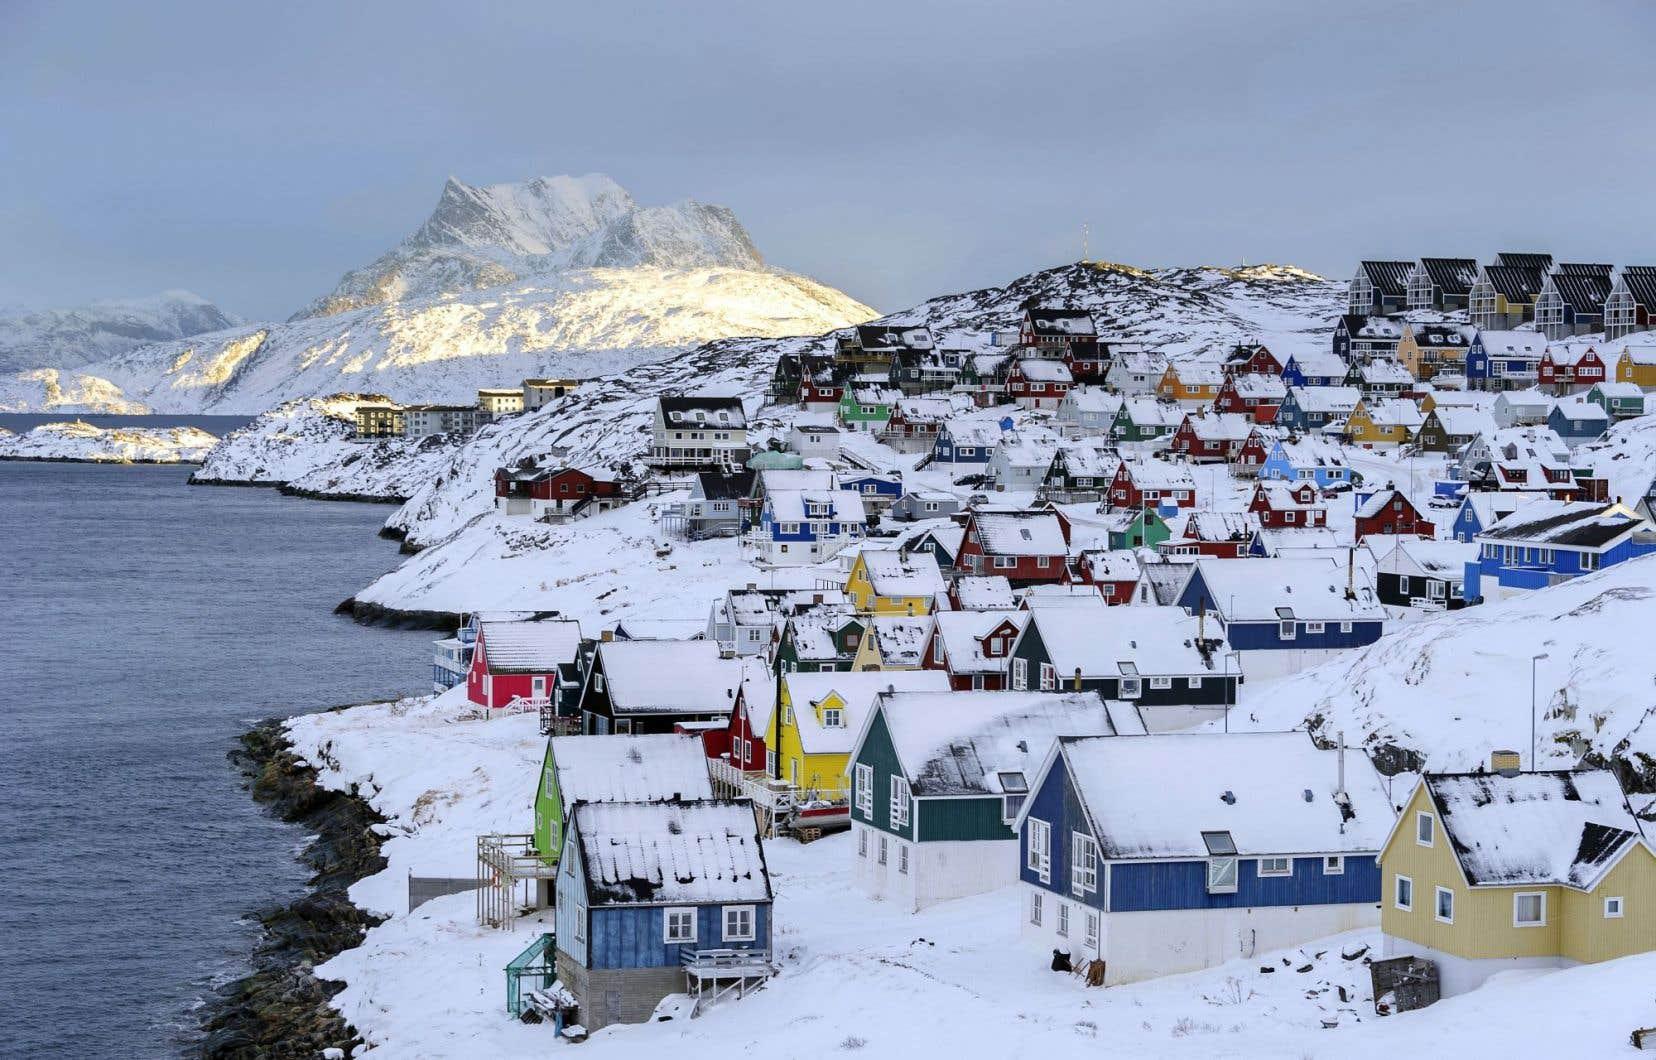 Immense territoire de glace habité depuis plus de 4000 ans, le Groenland revendique un taux d'alphabétisation de 100% depuis 1860.